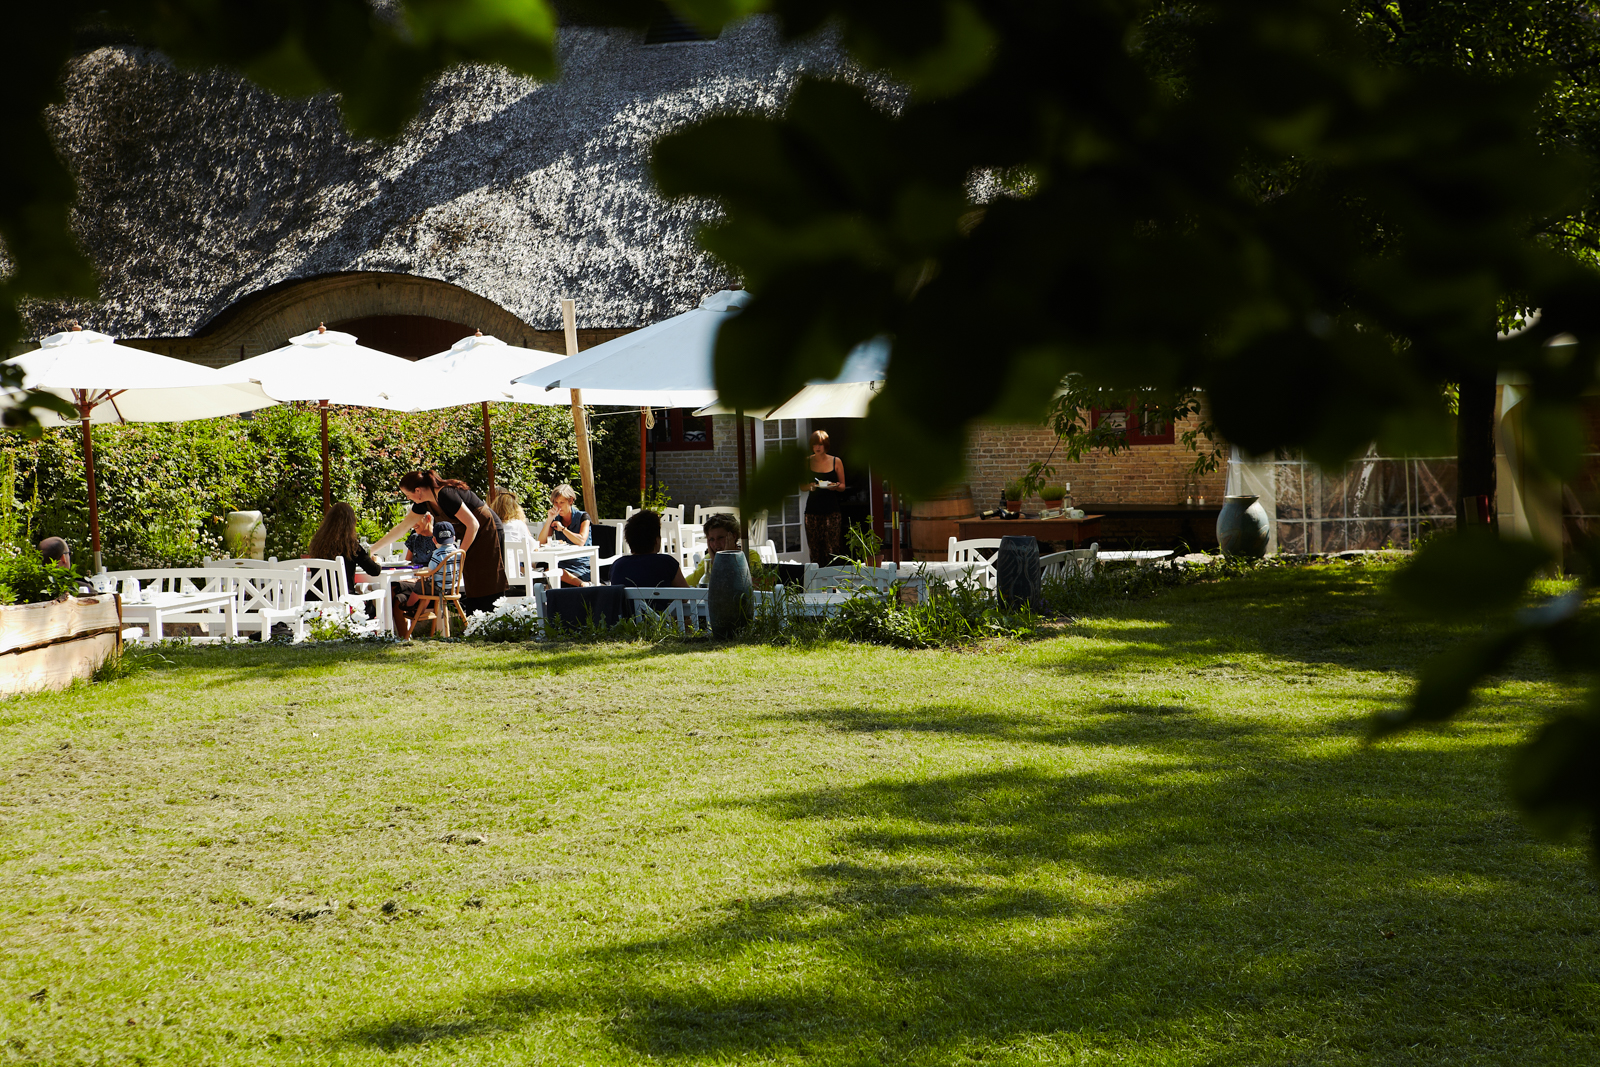 madhimlen_restaurant_002.jpg